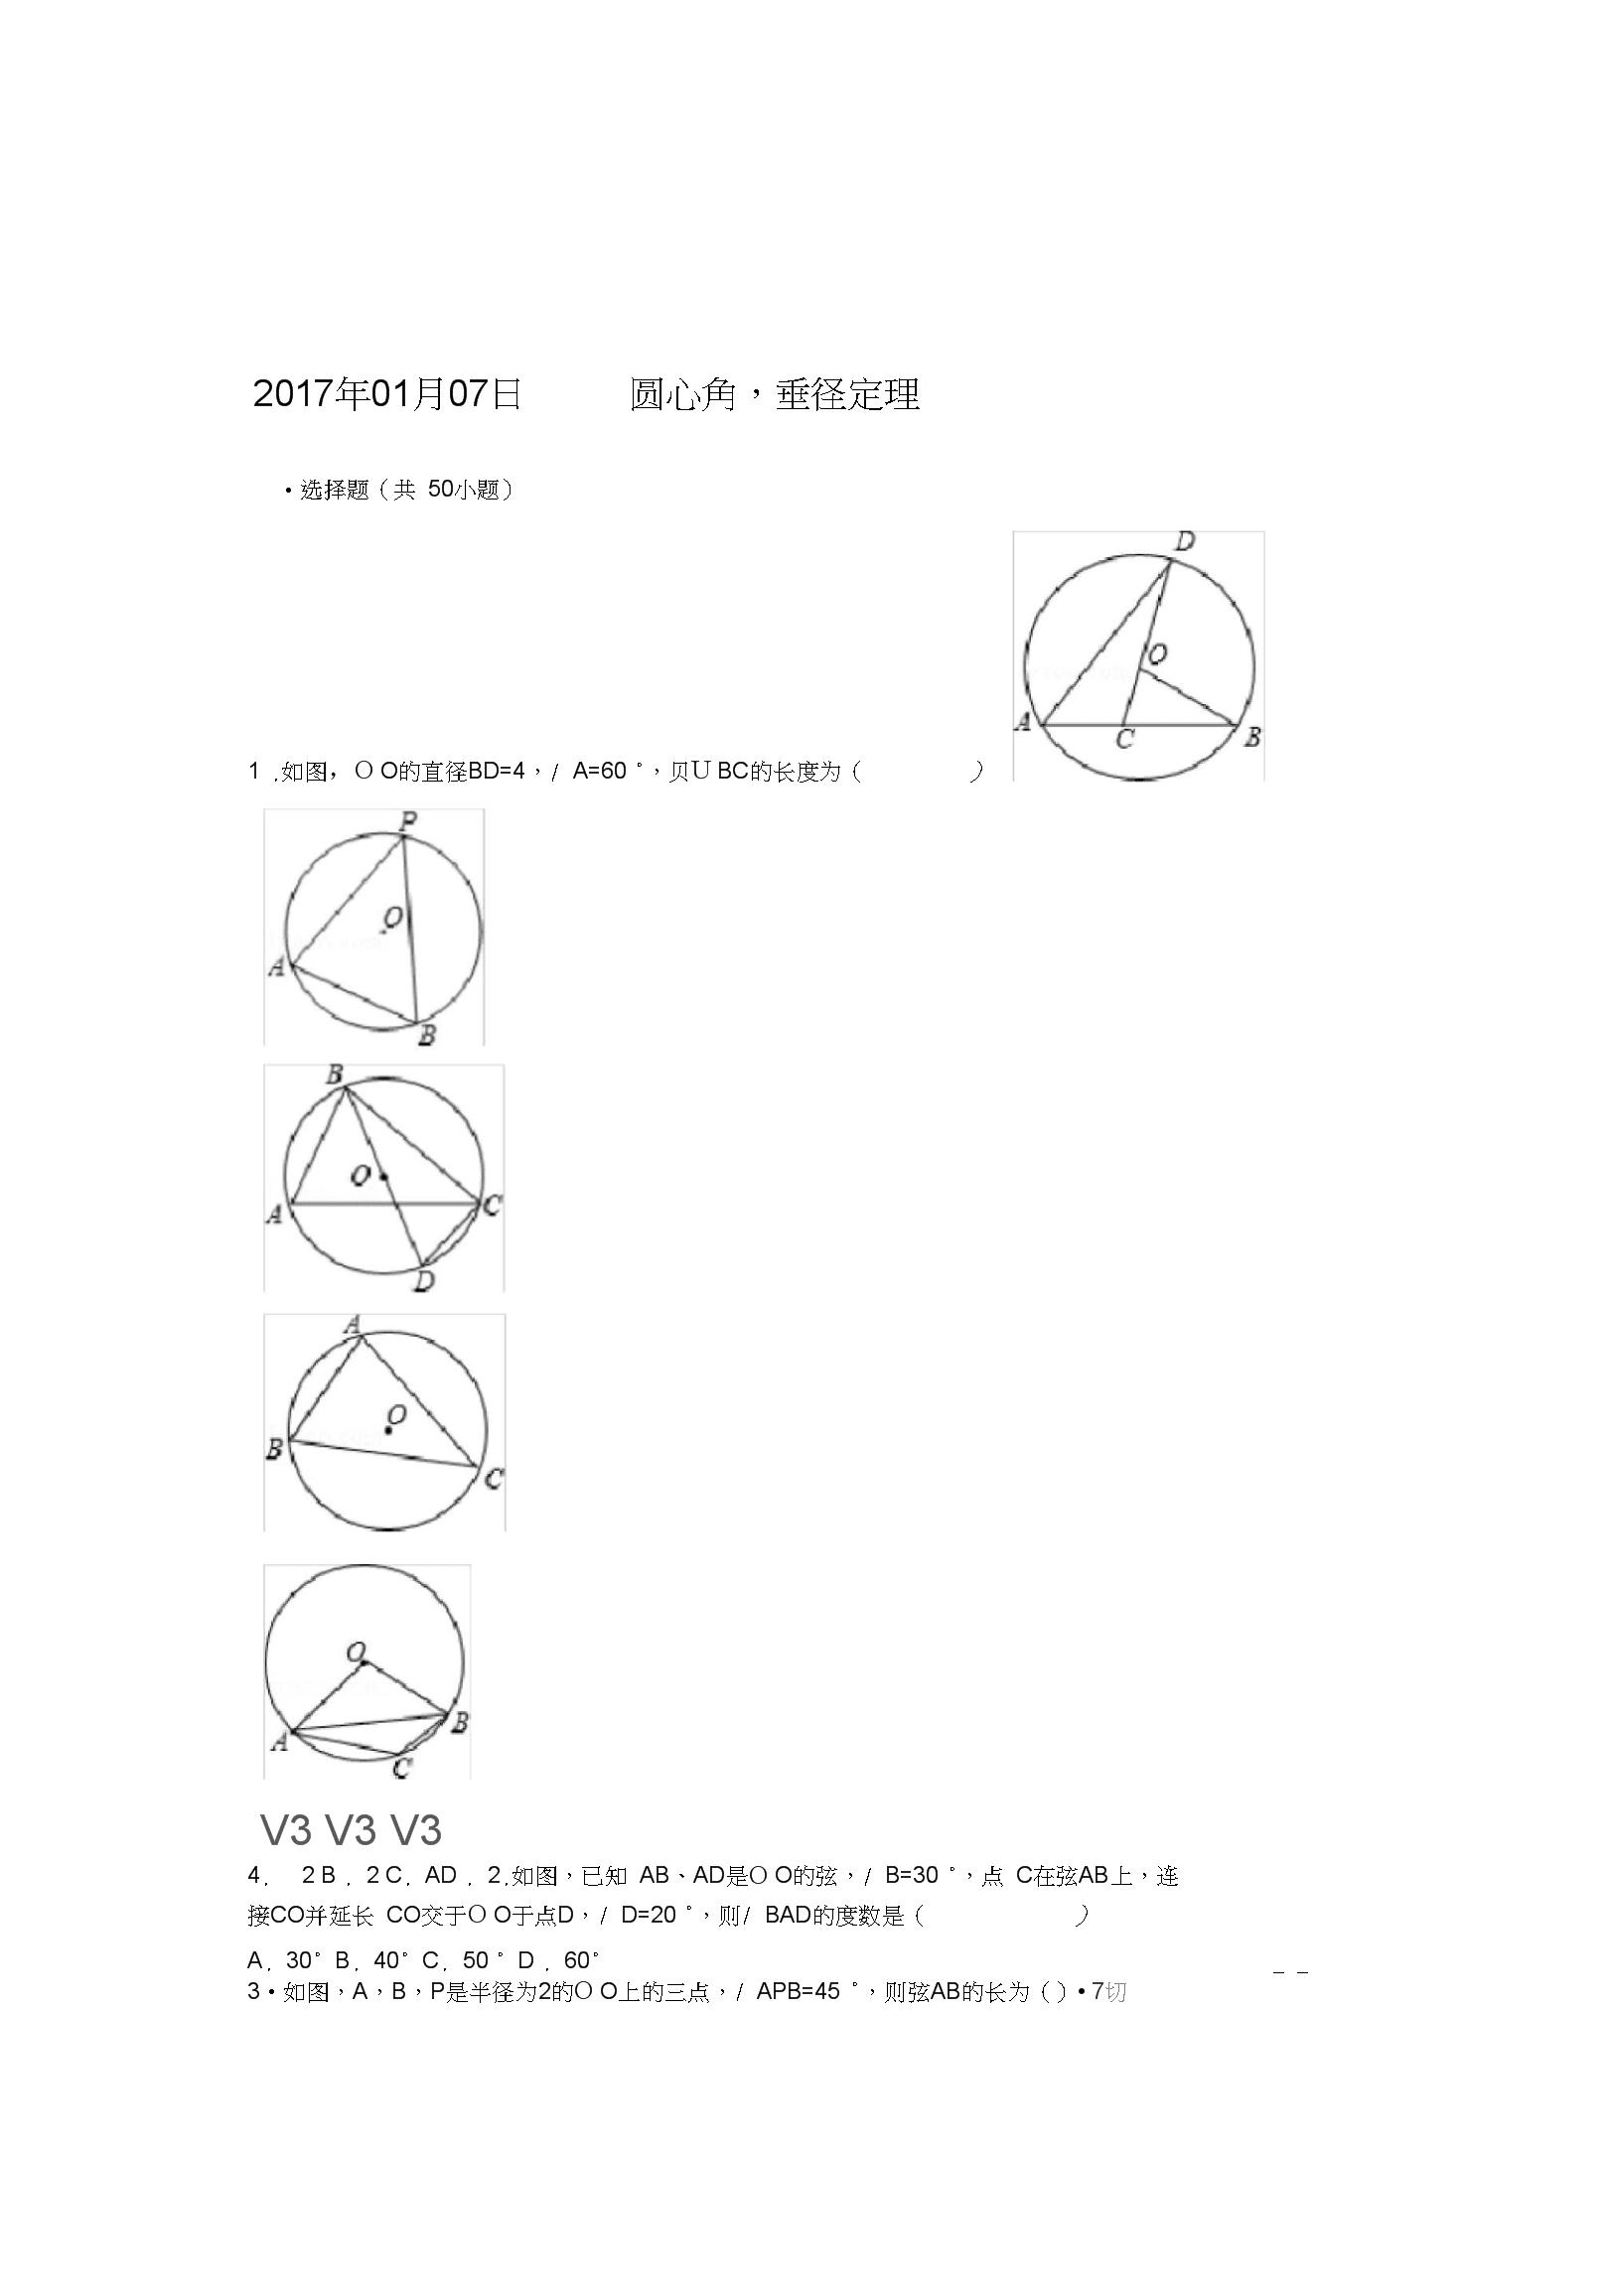 圆心角和垂径定理练习题含答案.docx